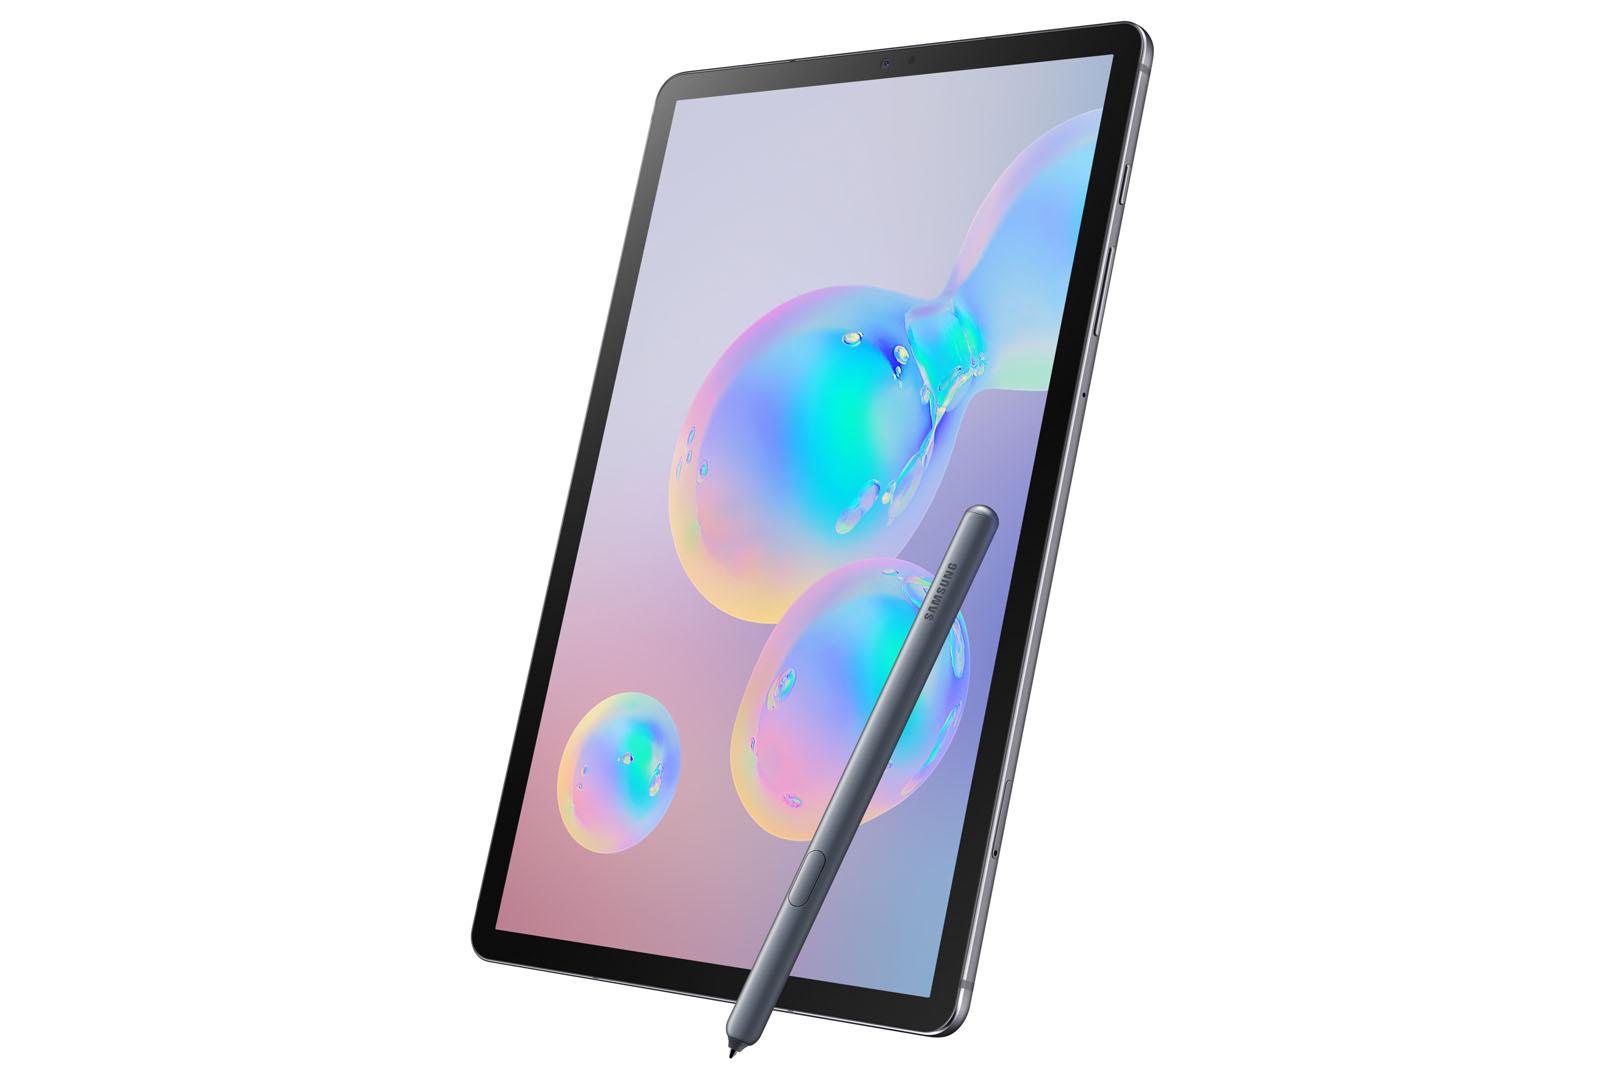 Samsung Galaxy Tab S6 design